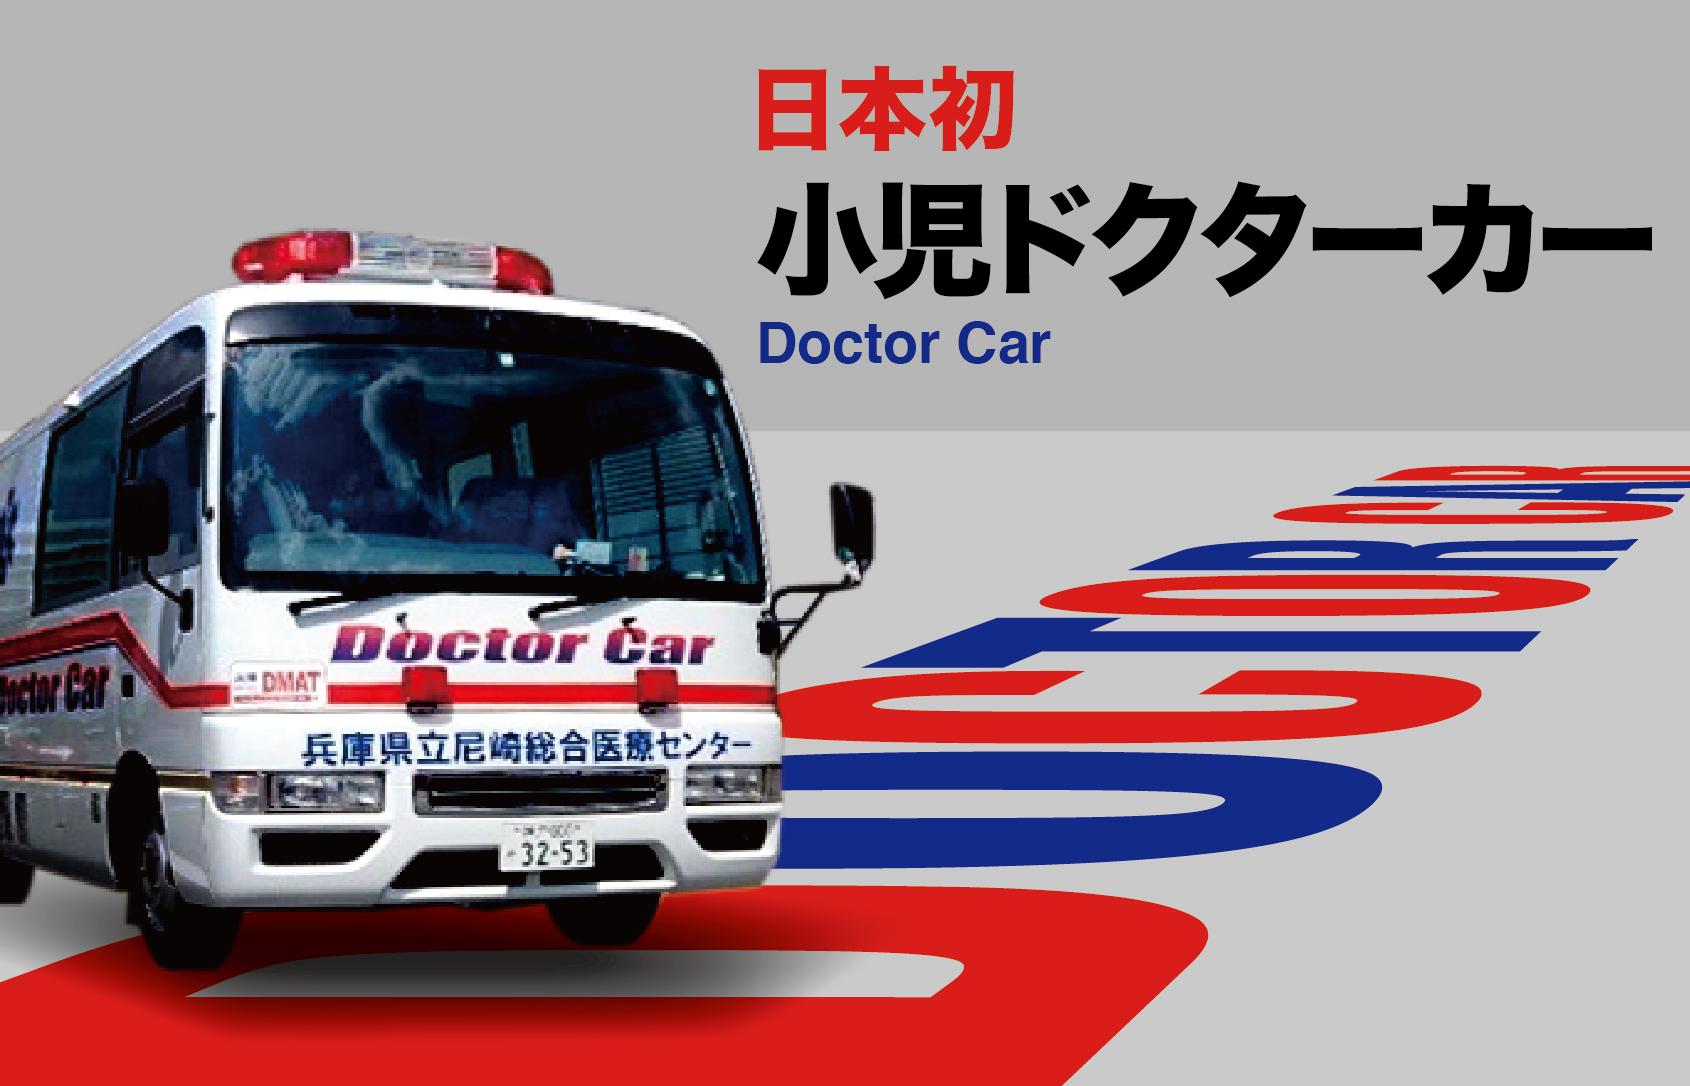 兵庫県立尼崎総合医療センター「小児ドクターカー」に関する特集記事です